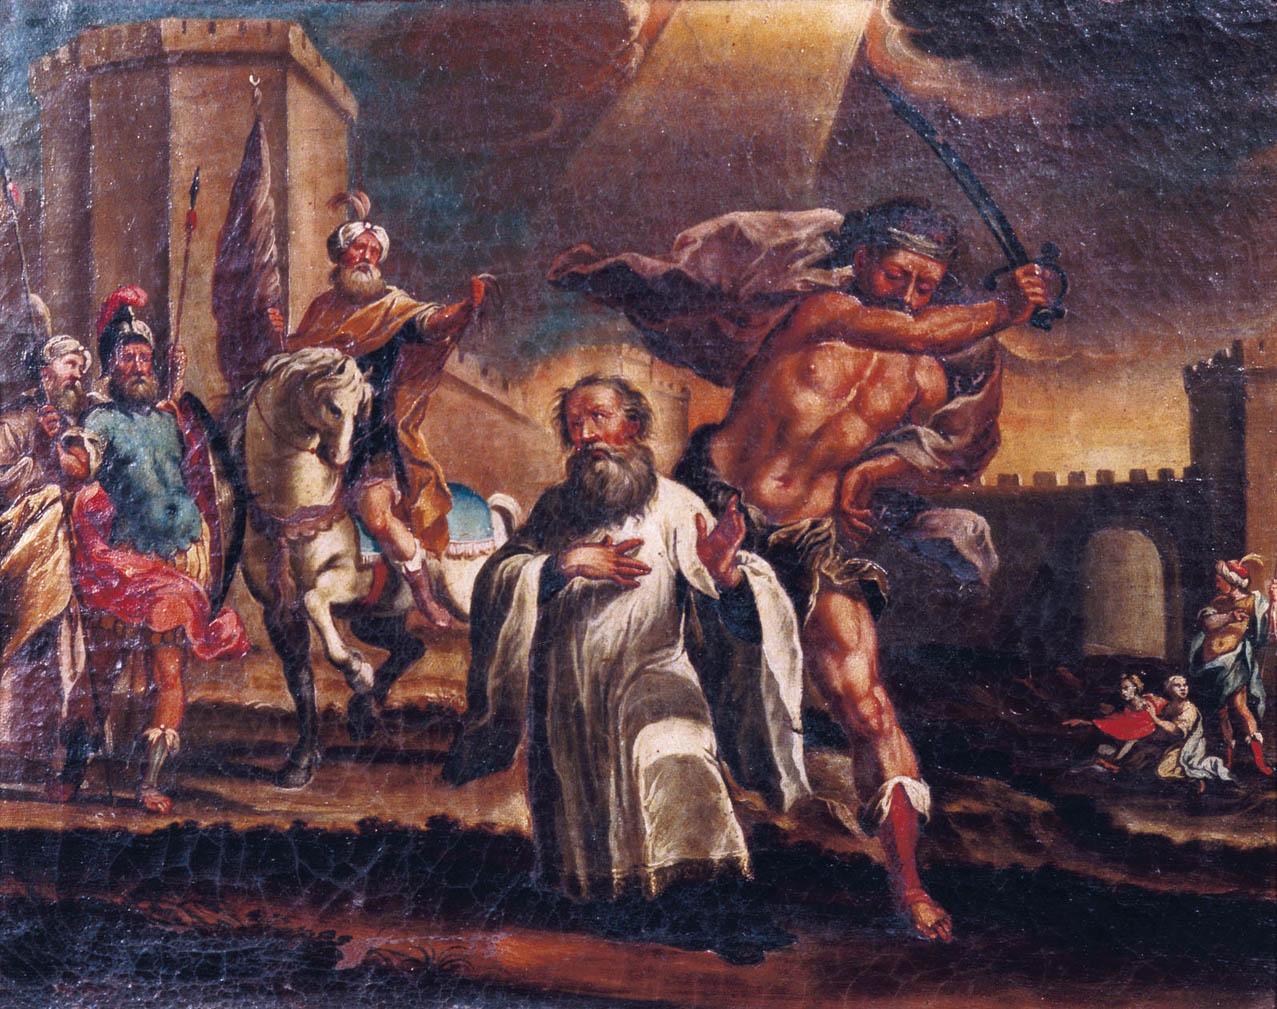 Martirio di sant'Eulogio, dipinto nella Cattedrale di Cordova